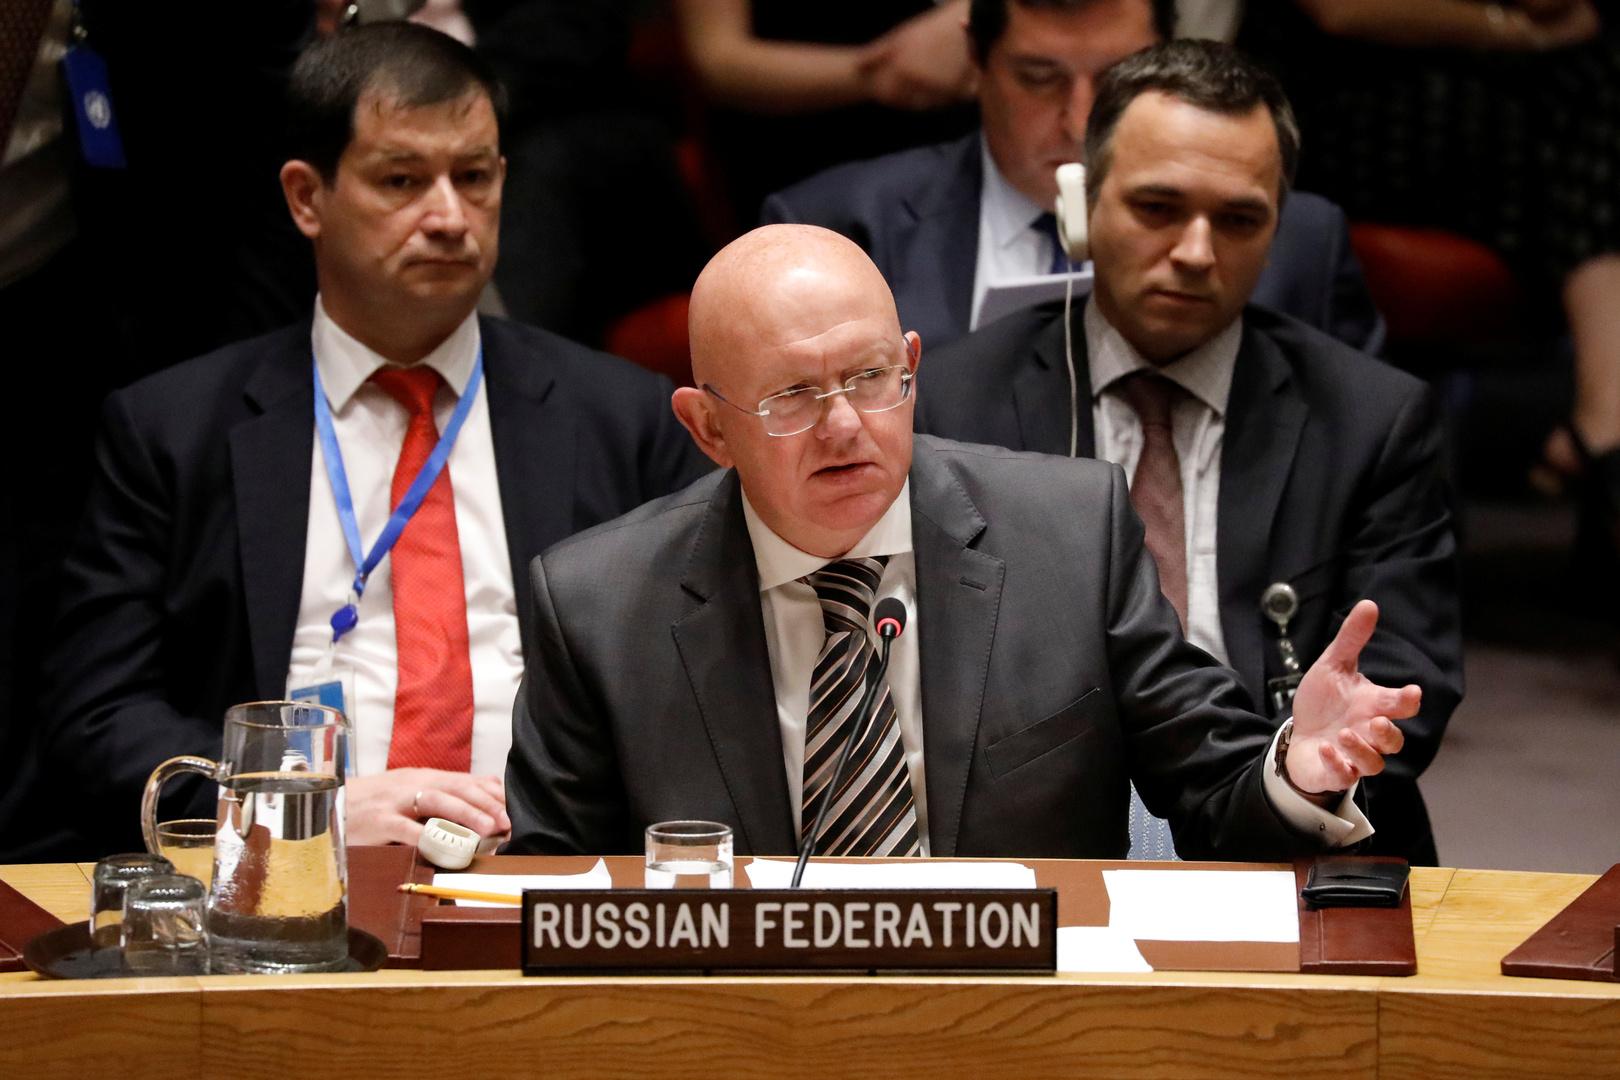 نيبينزيا: حادث نافالني يدفع للتفكير في لعبة قذرة ضد روسيا